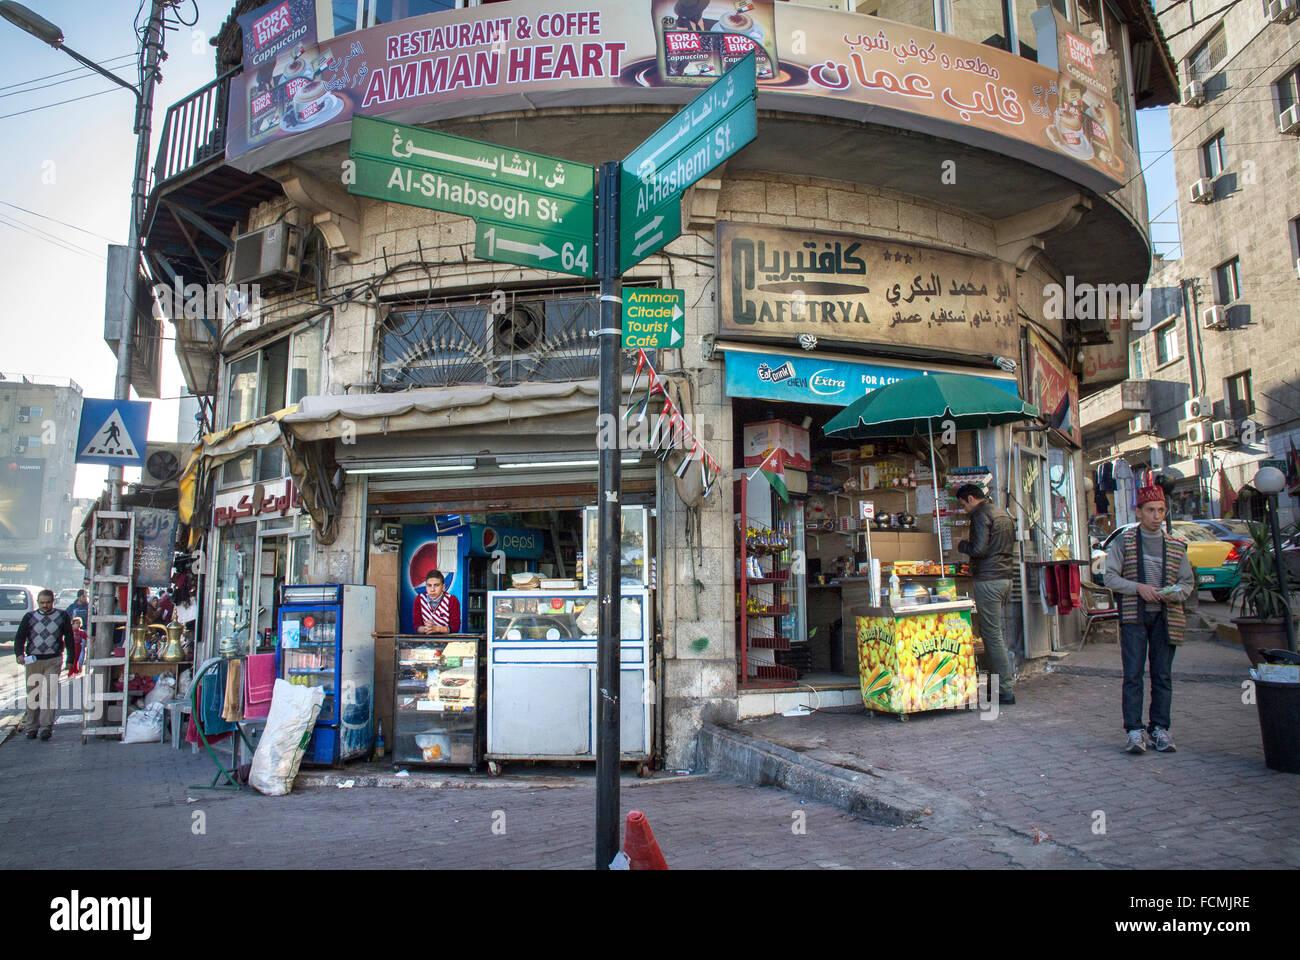 Il quartiere dello shopping nel centro di Amman, Giordania. Immagini Stock